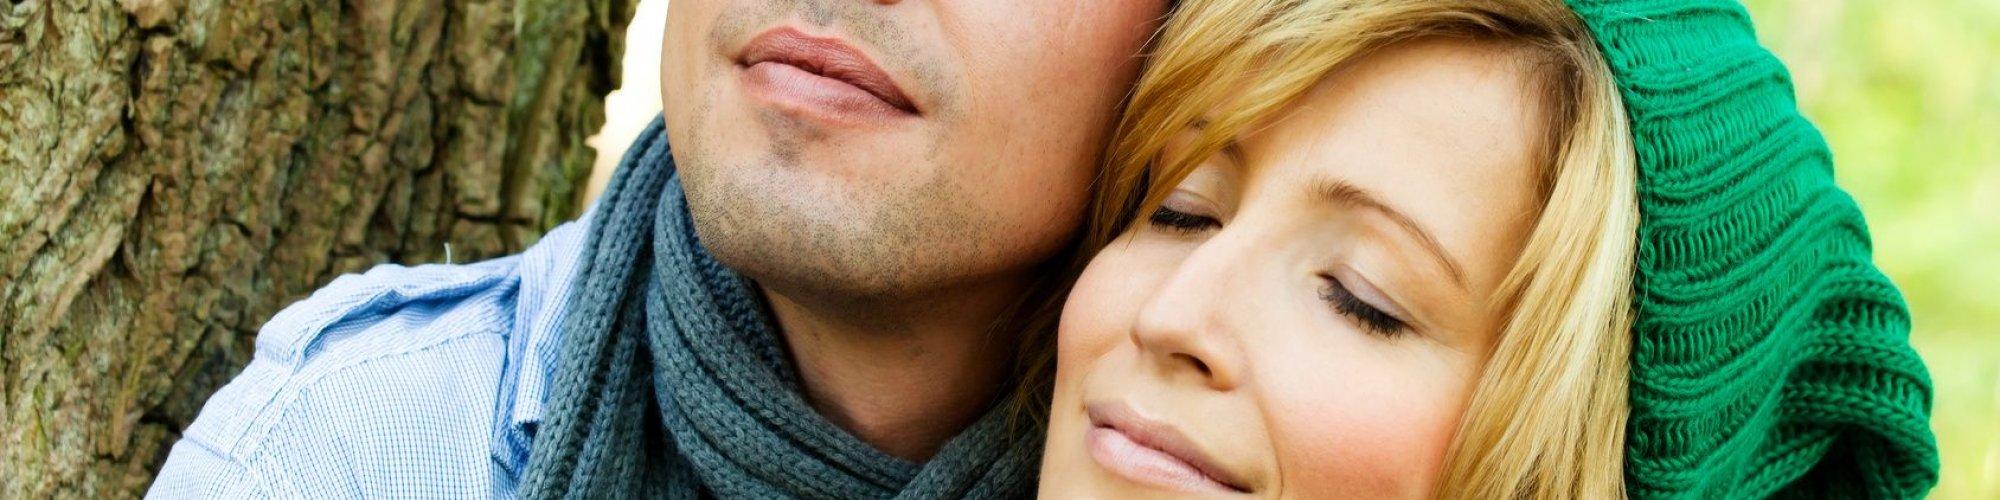 Christliche partnersuche online dating